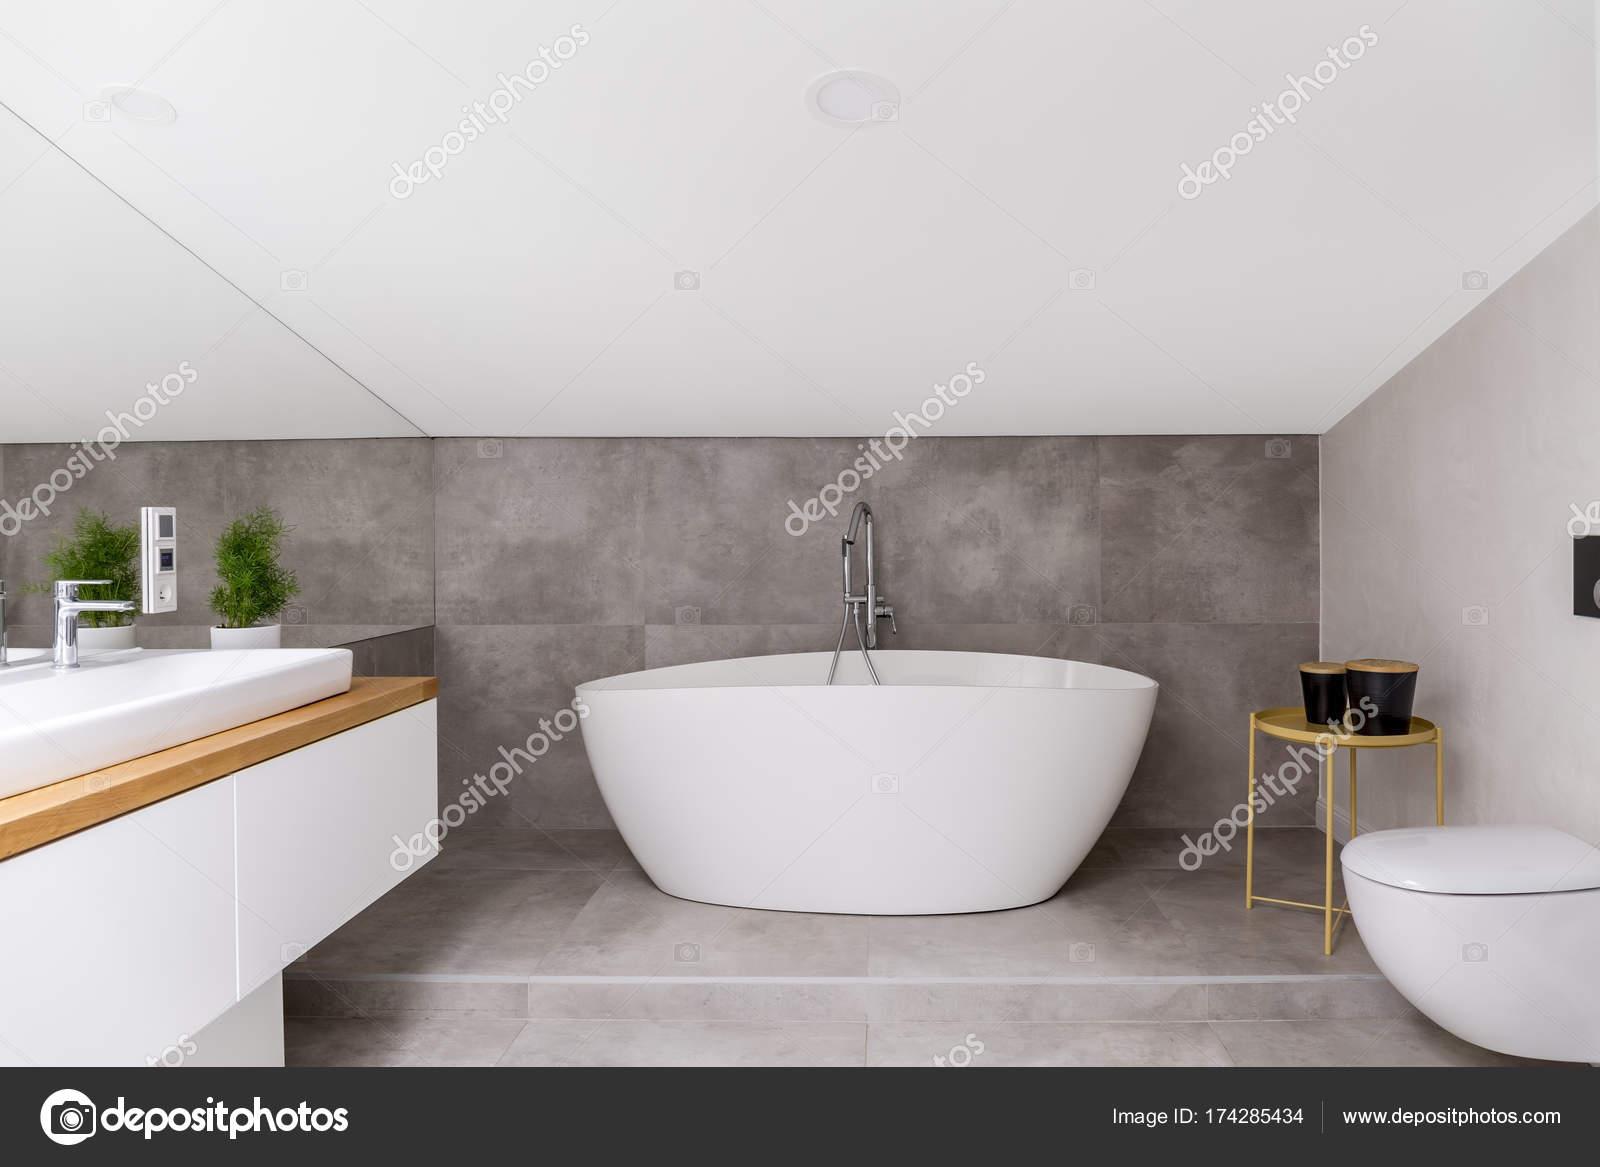 Smaltare Vasca Da Bagno Prezzi : Vasca da bagno ovale contro smalto grigio u foto stock